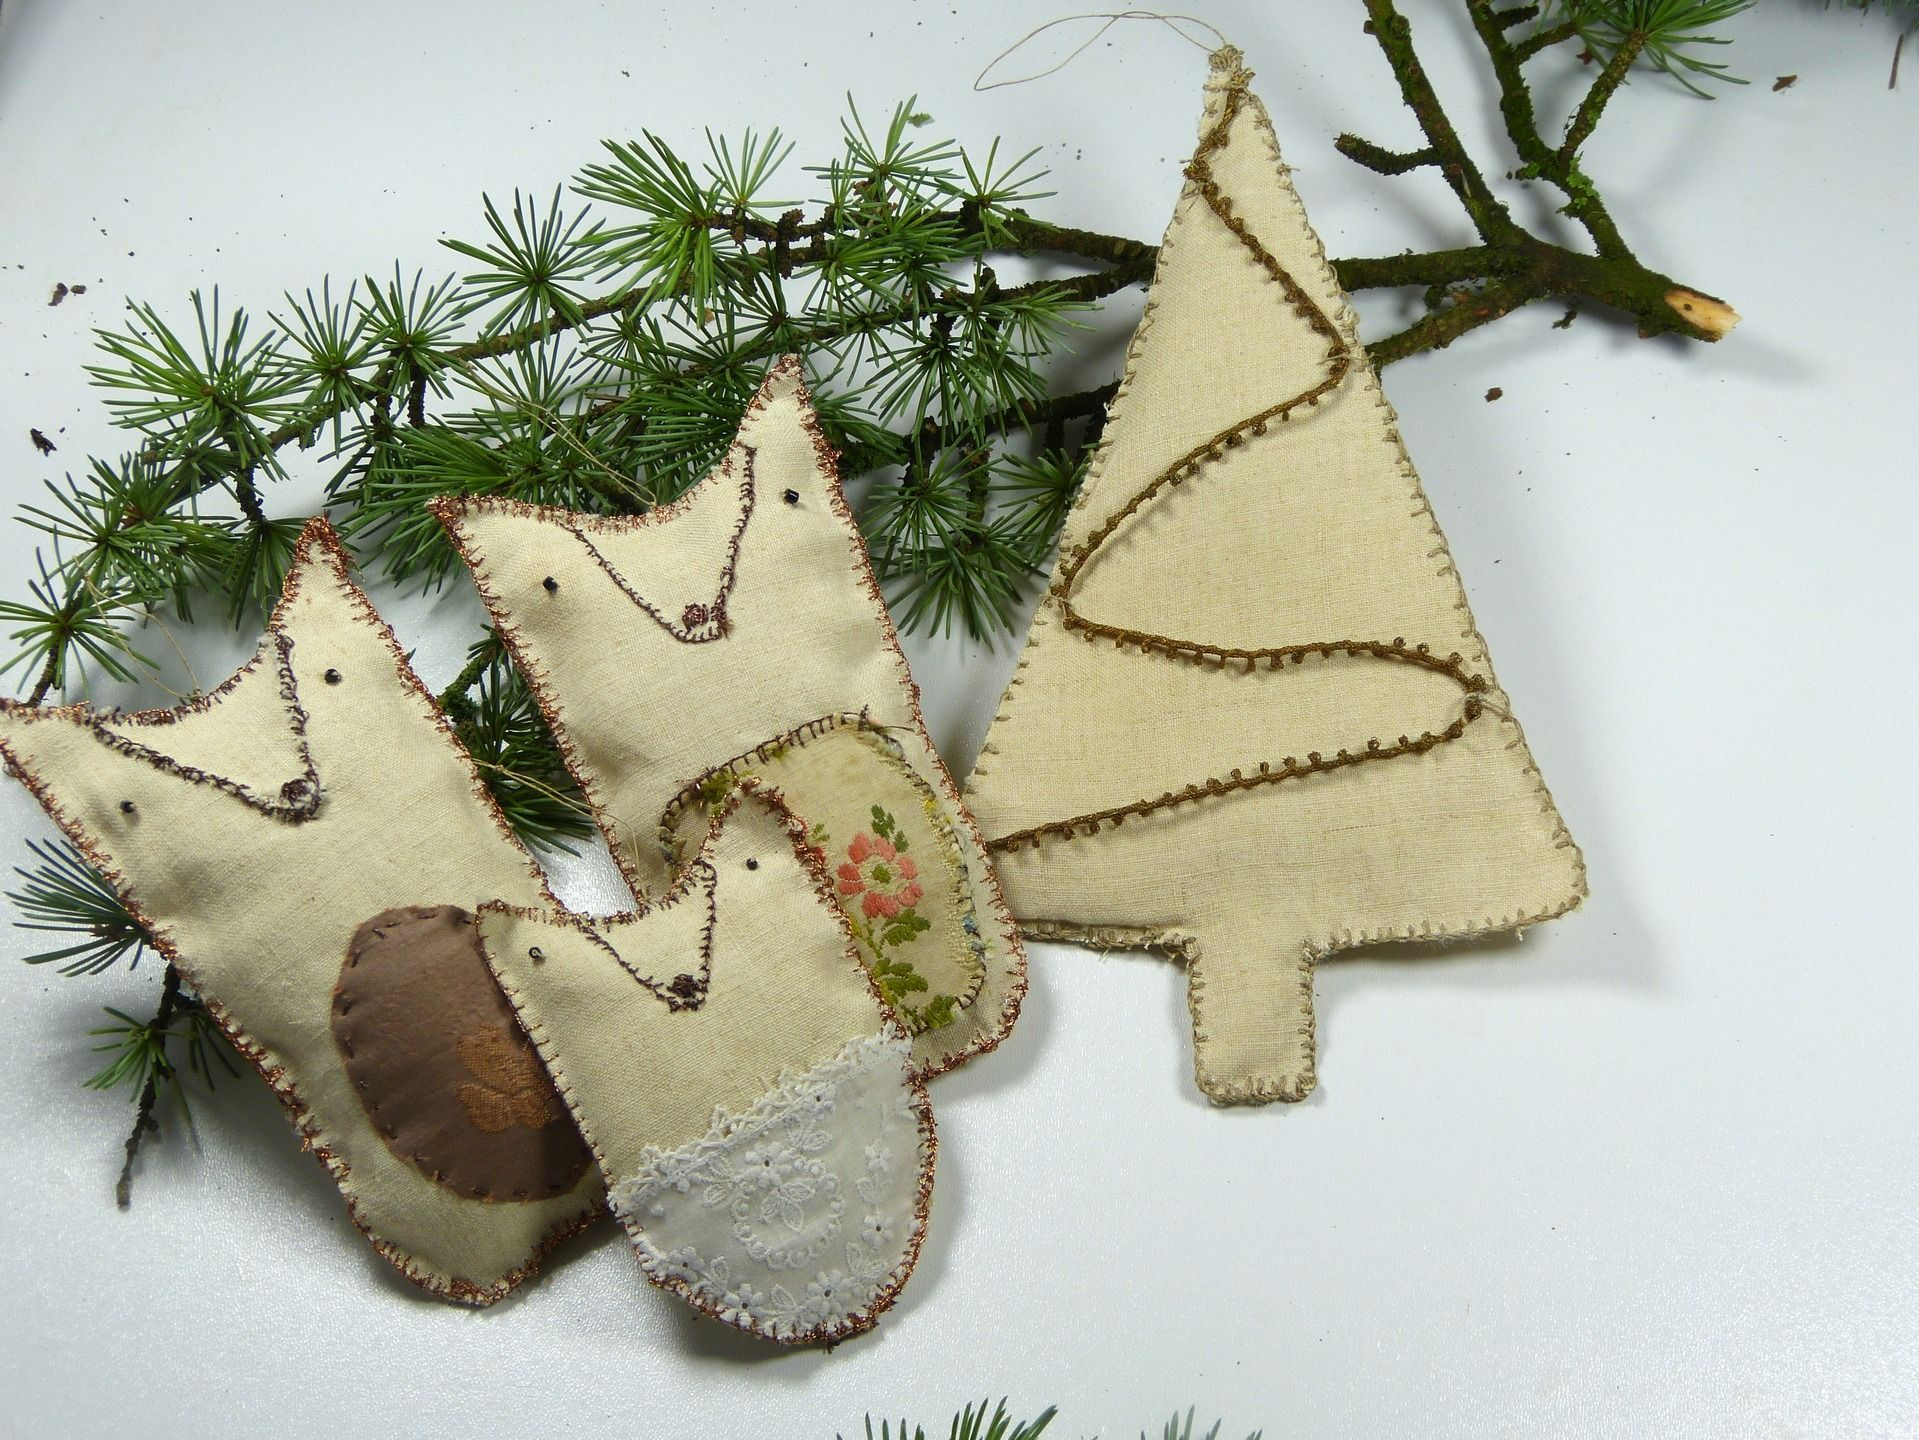 """Mon kit nostalgique numéro 8:""""Spécial Noël,enveloppe de lin contenant trois renards précieux et un sapin de Noël"""" : Accessoires de maison par a-bouche-decousue"""